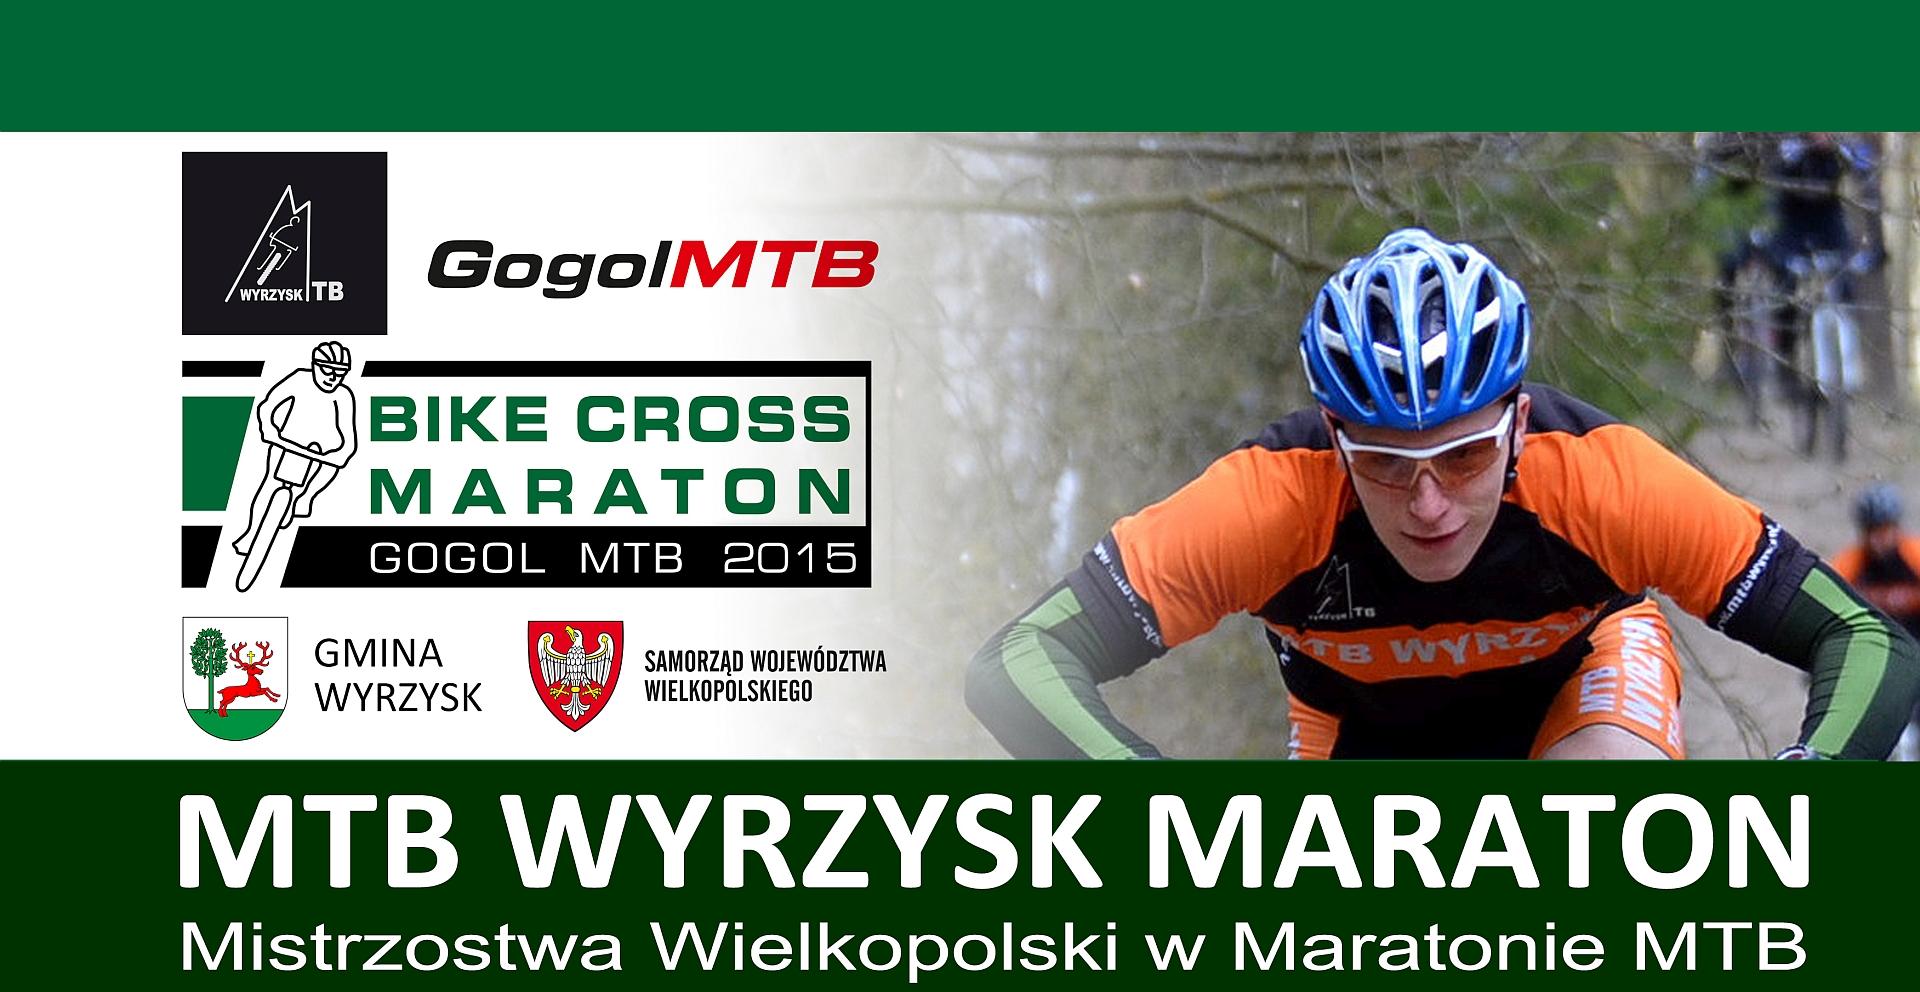 [PR] Zapowiedź BikeCrossMaraton GogolMTB – Wyrzysk